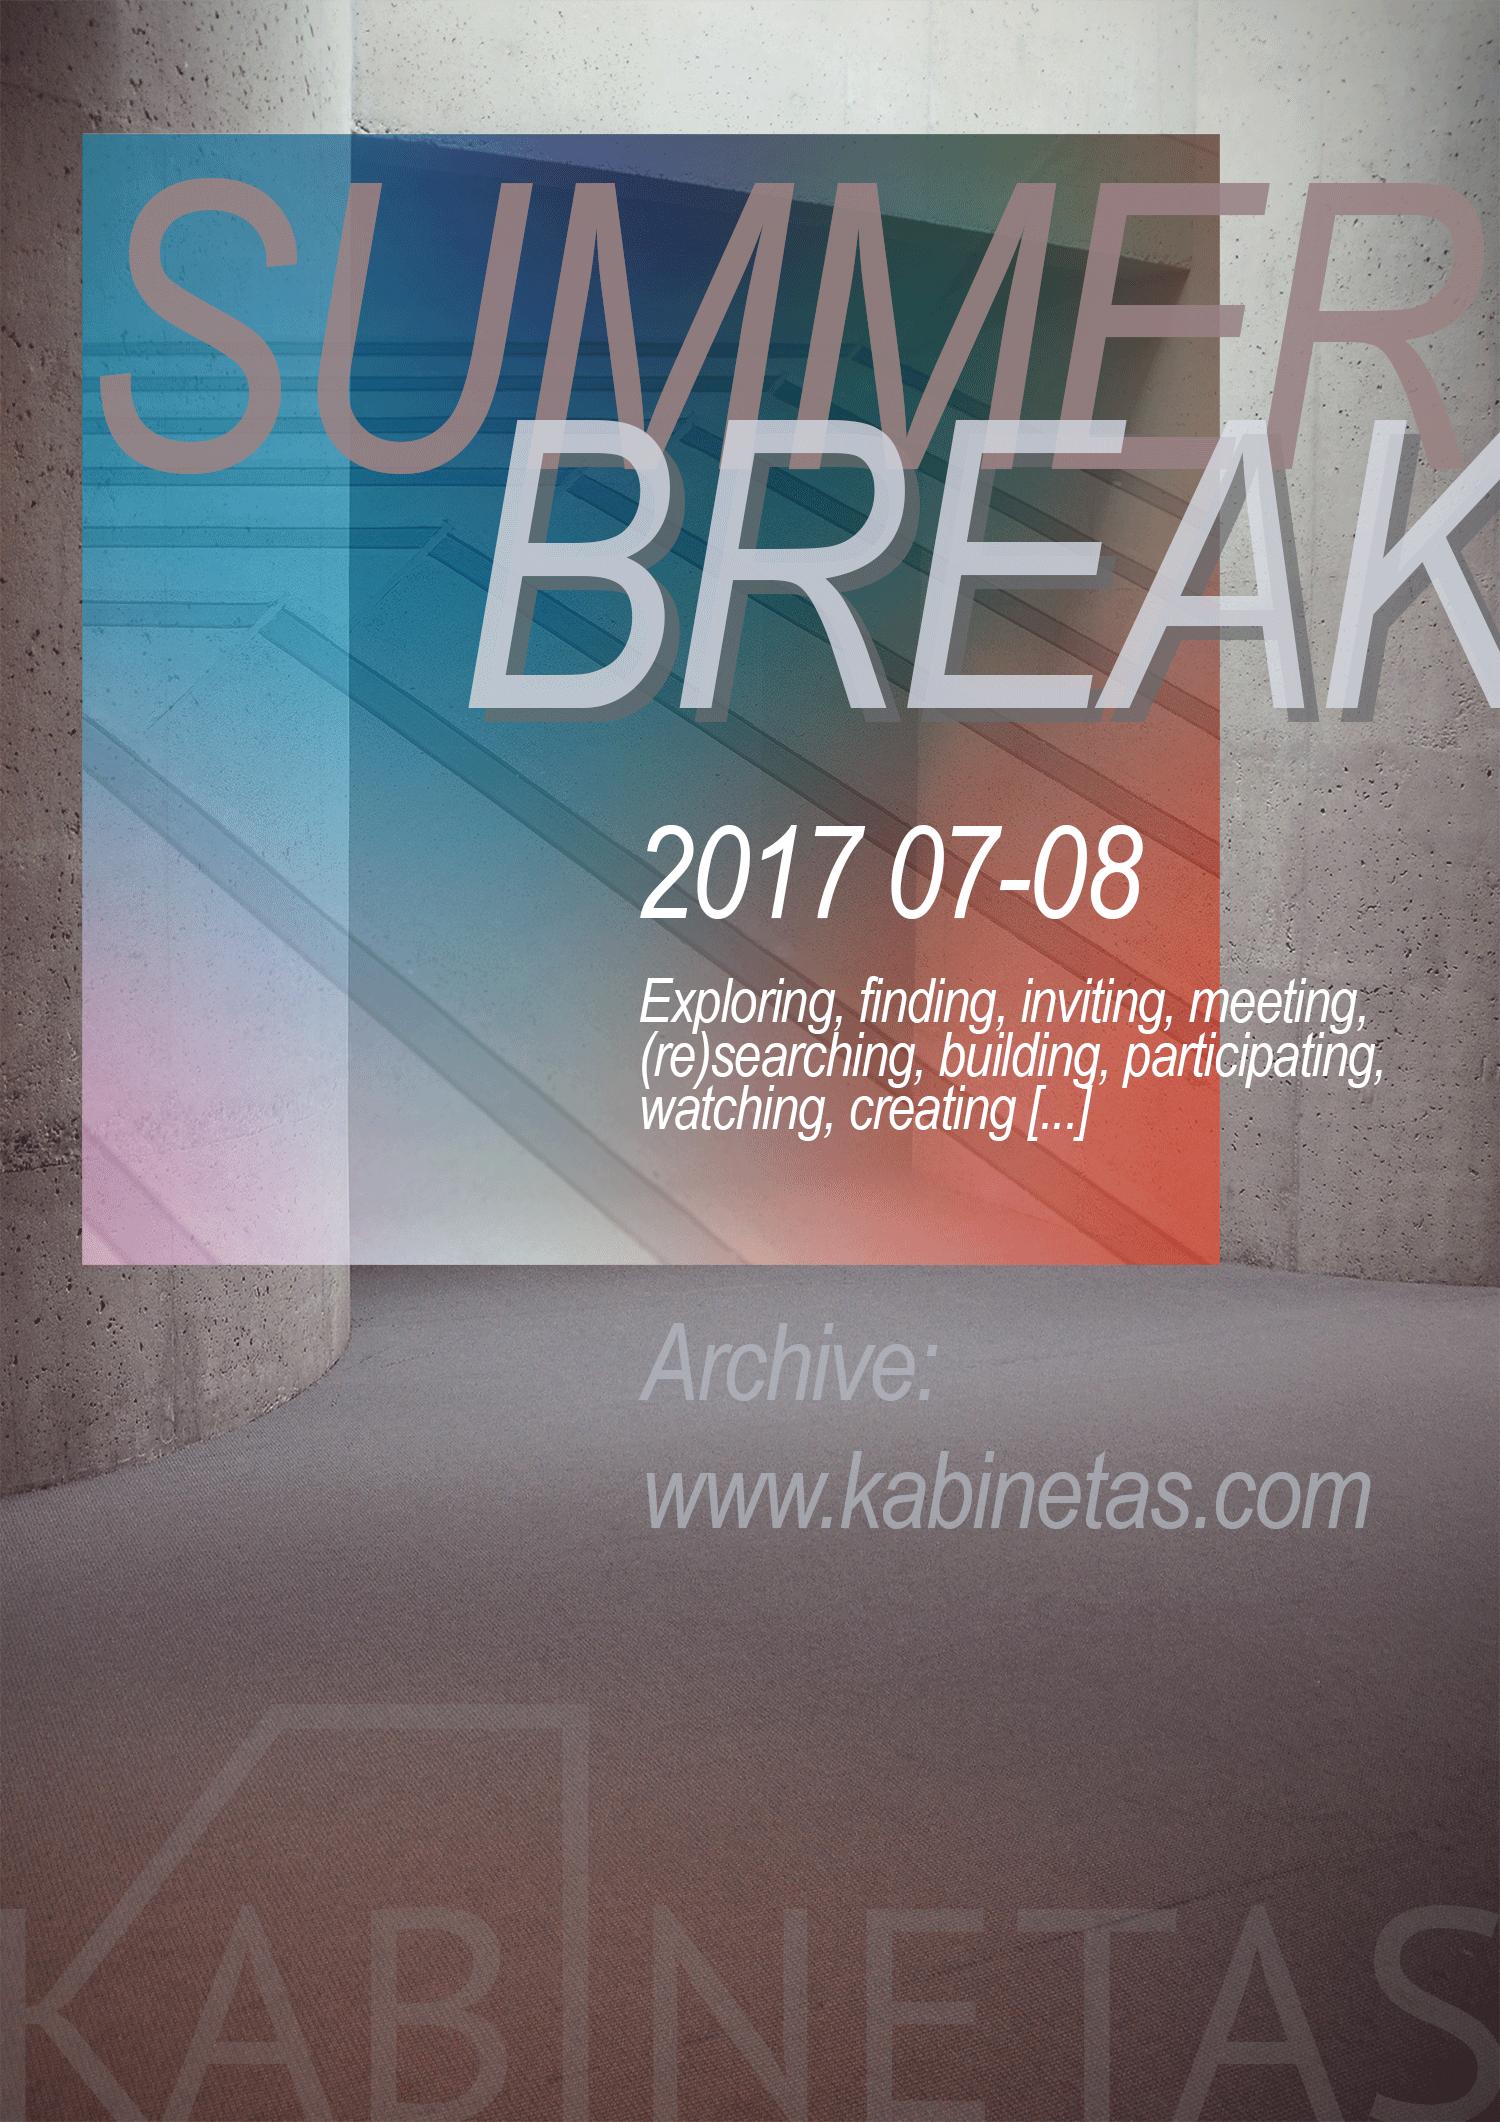 agenda-2017-07-08